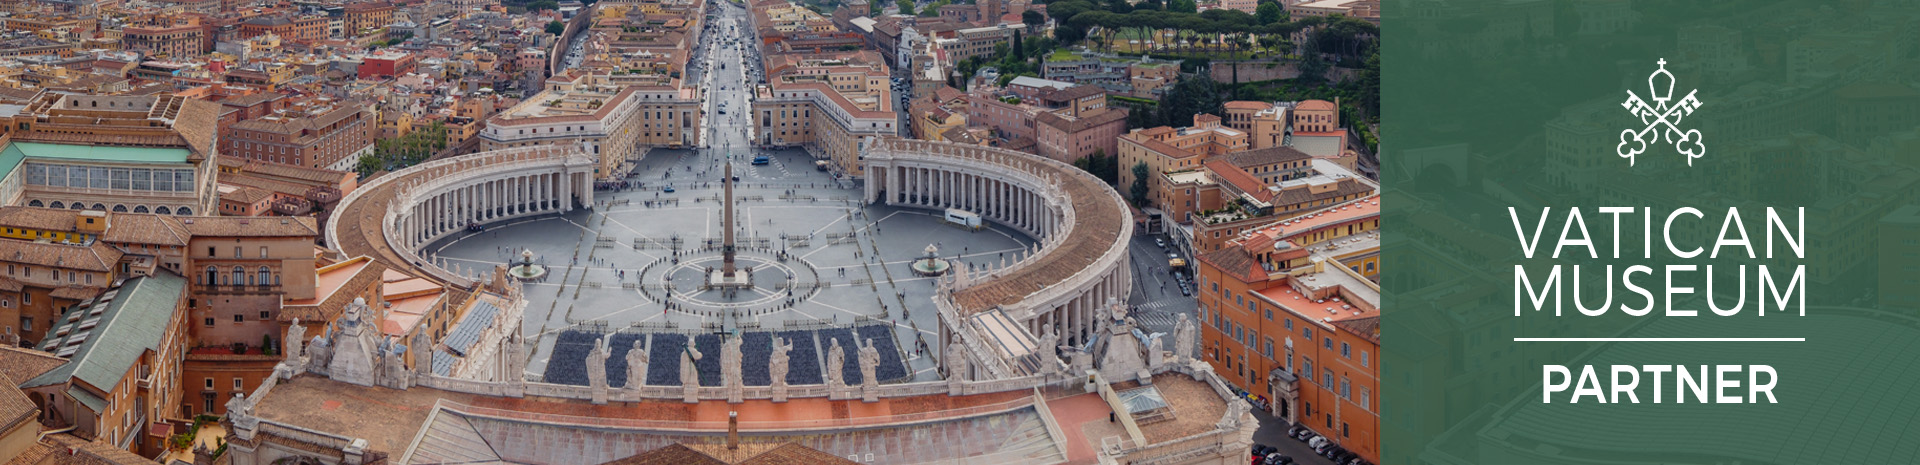 Vatican Museum Partner